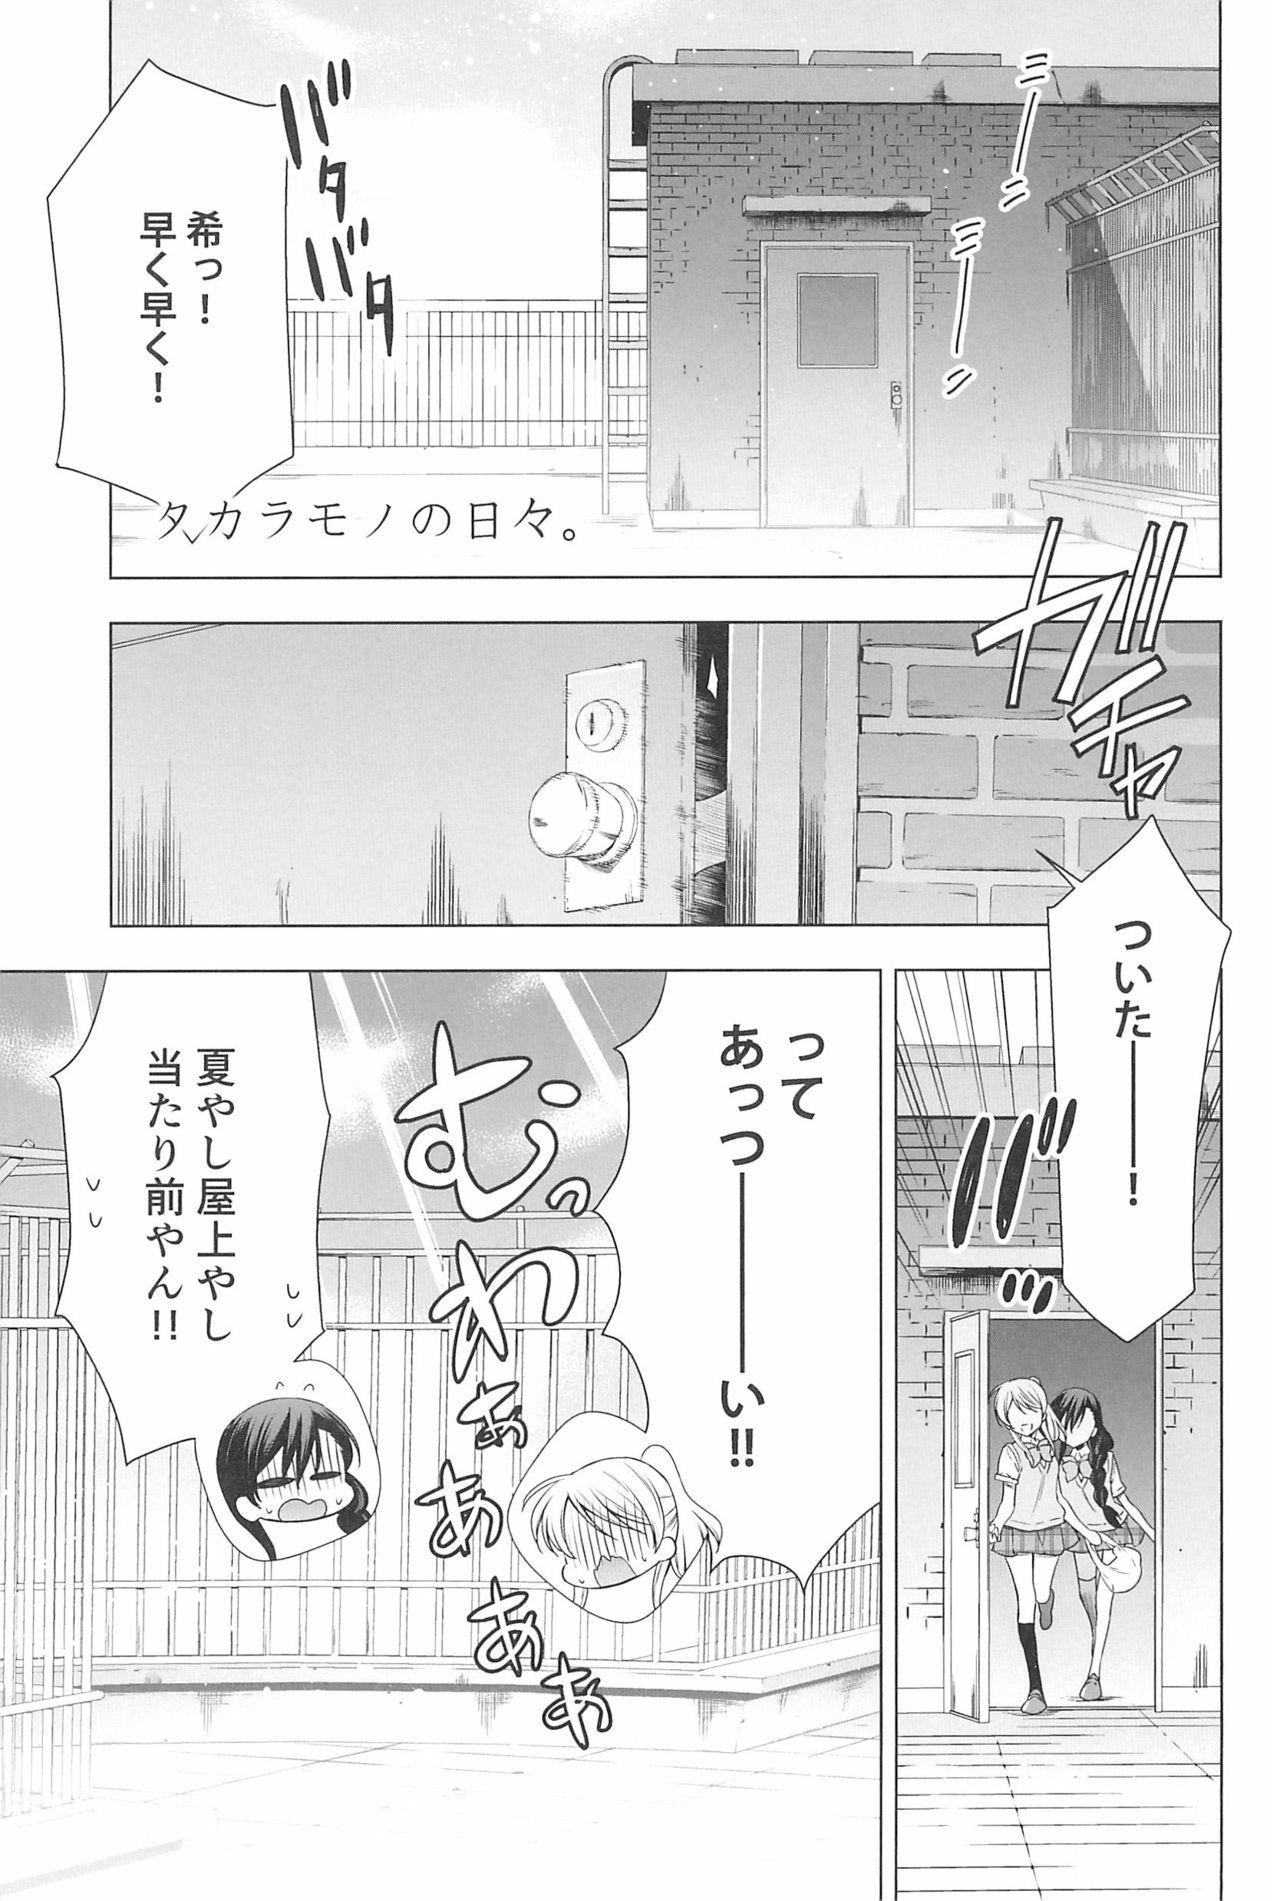 Takaramono no Hibi. 158